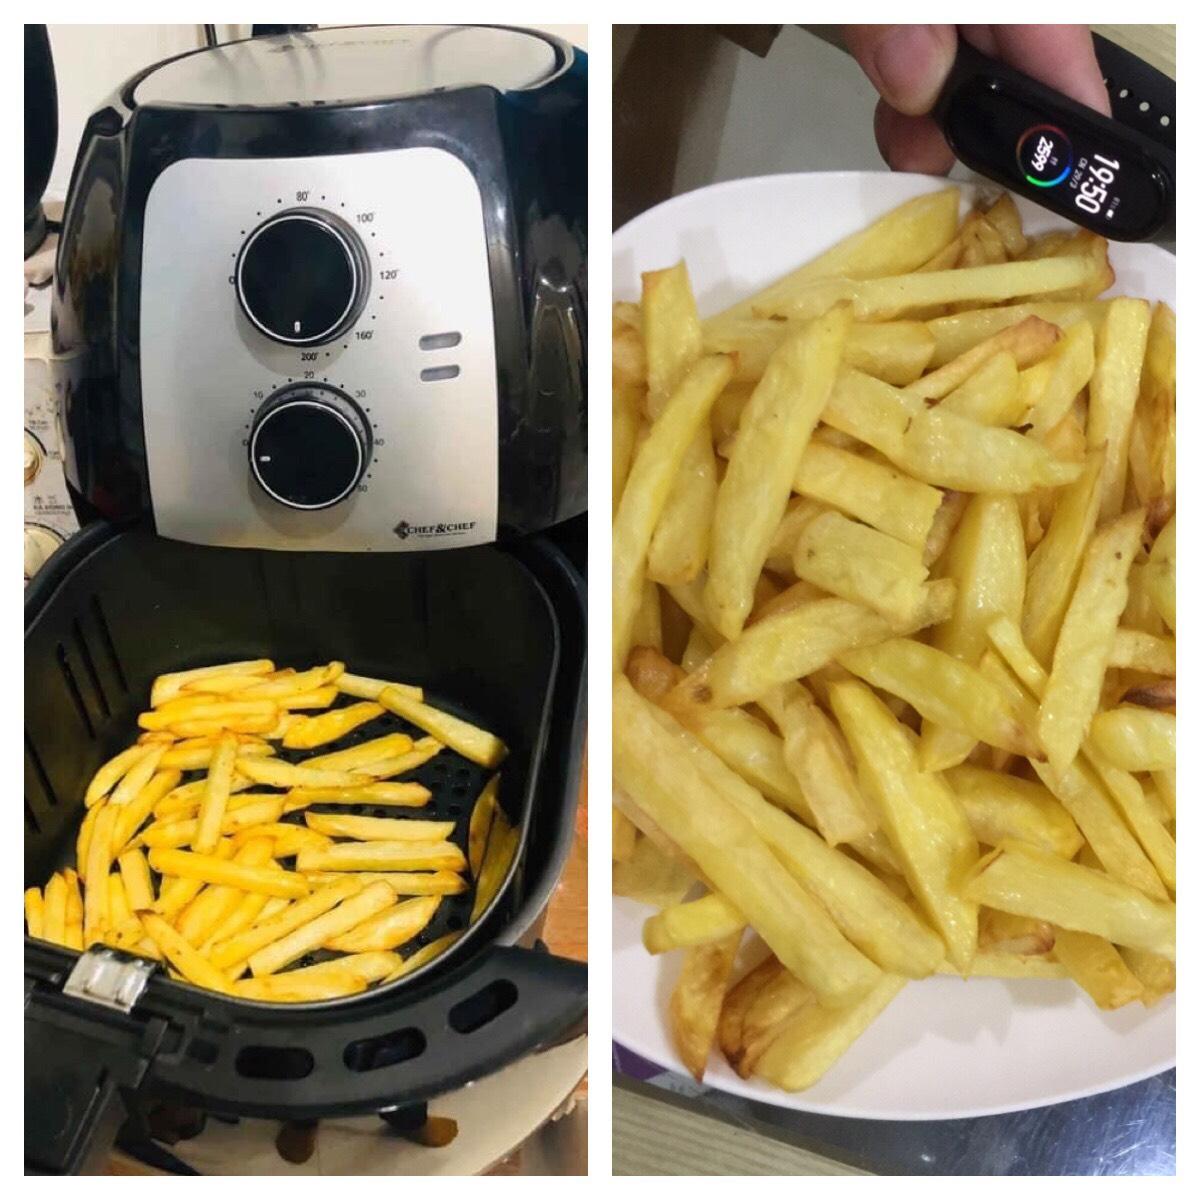 NỒI CHIÊN KHÔNG DẦU Chef&Chef YJ-702 dung tích đại 6,5L, công suất 1800W